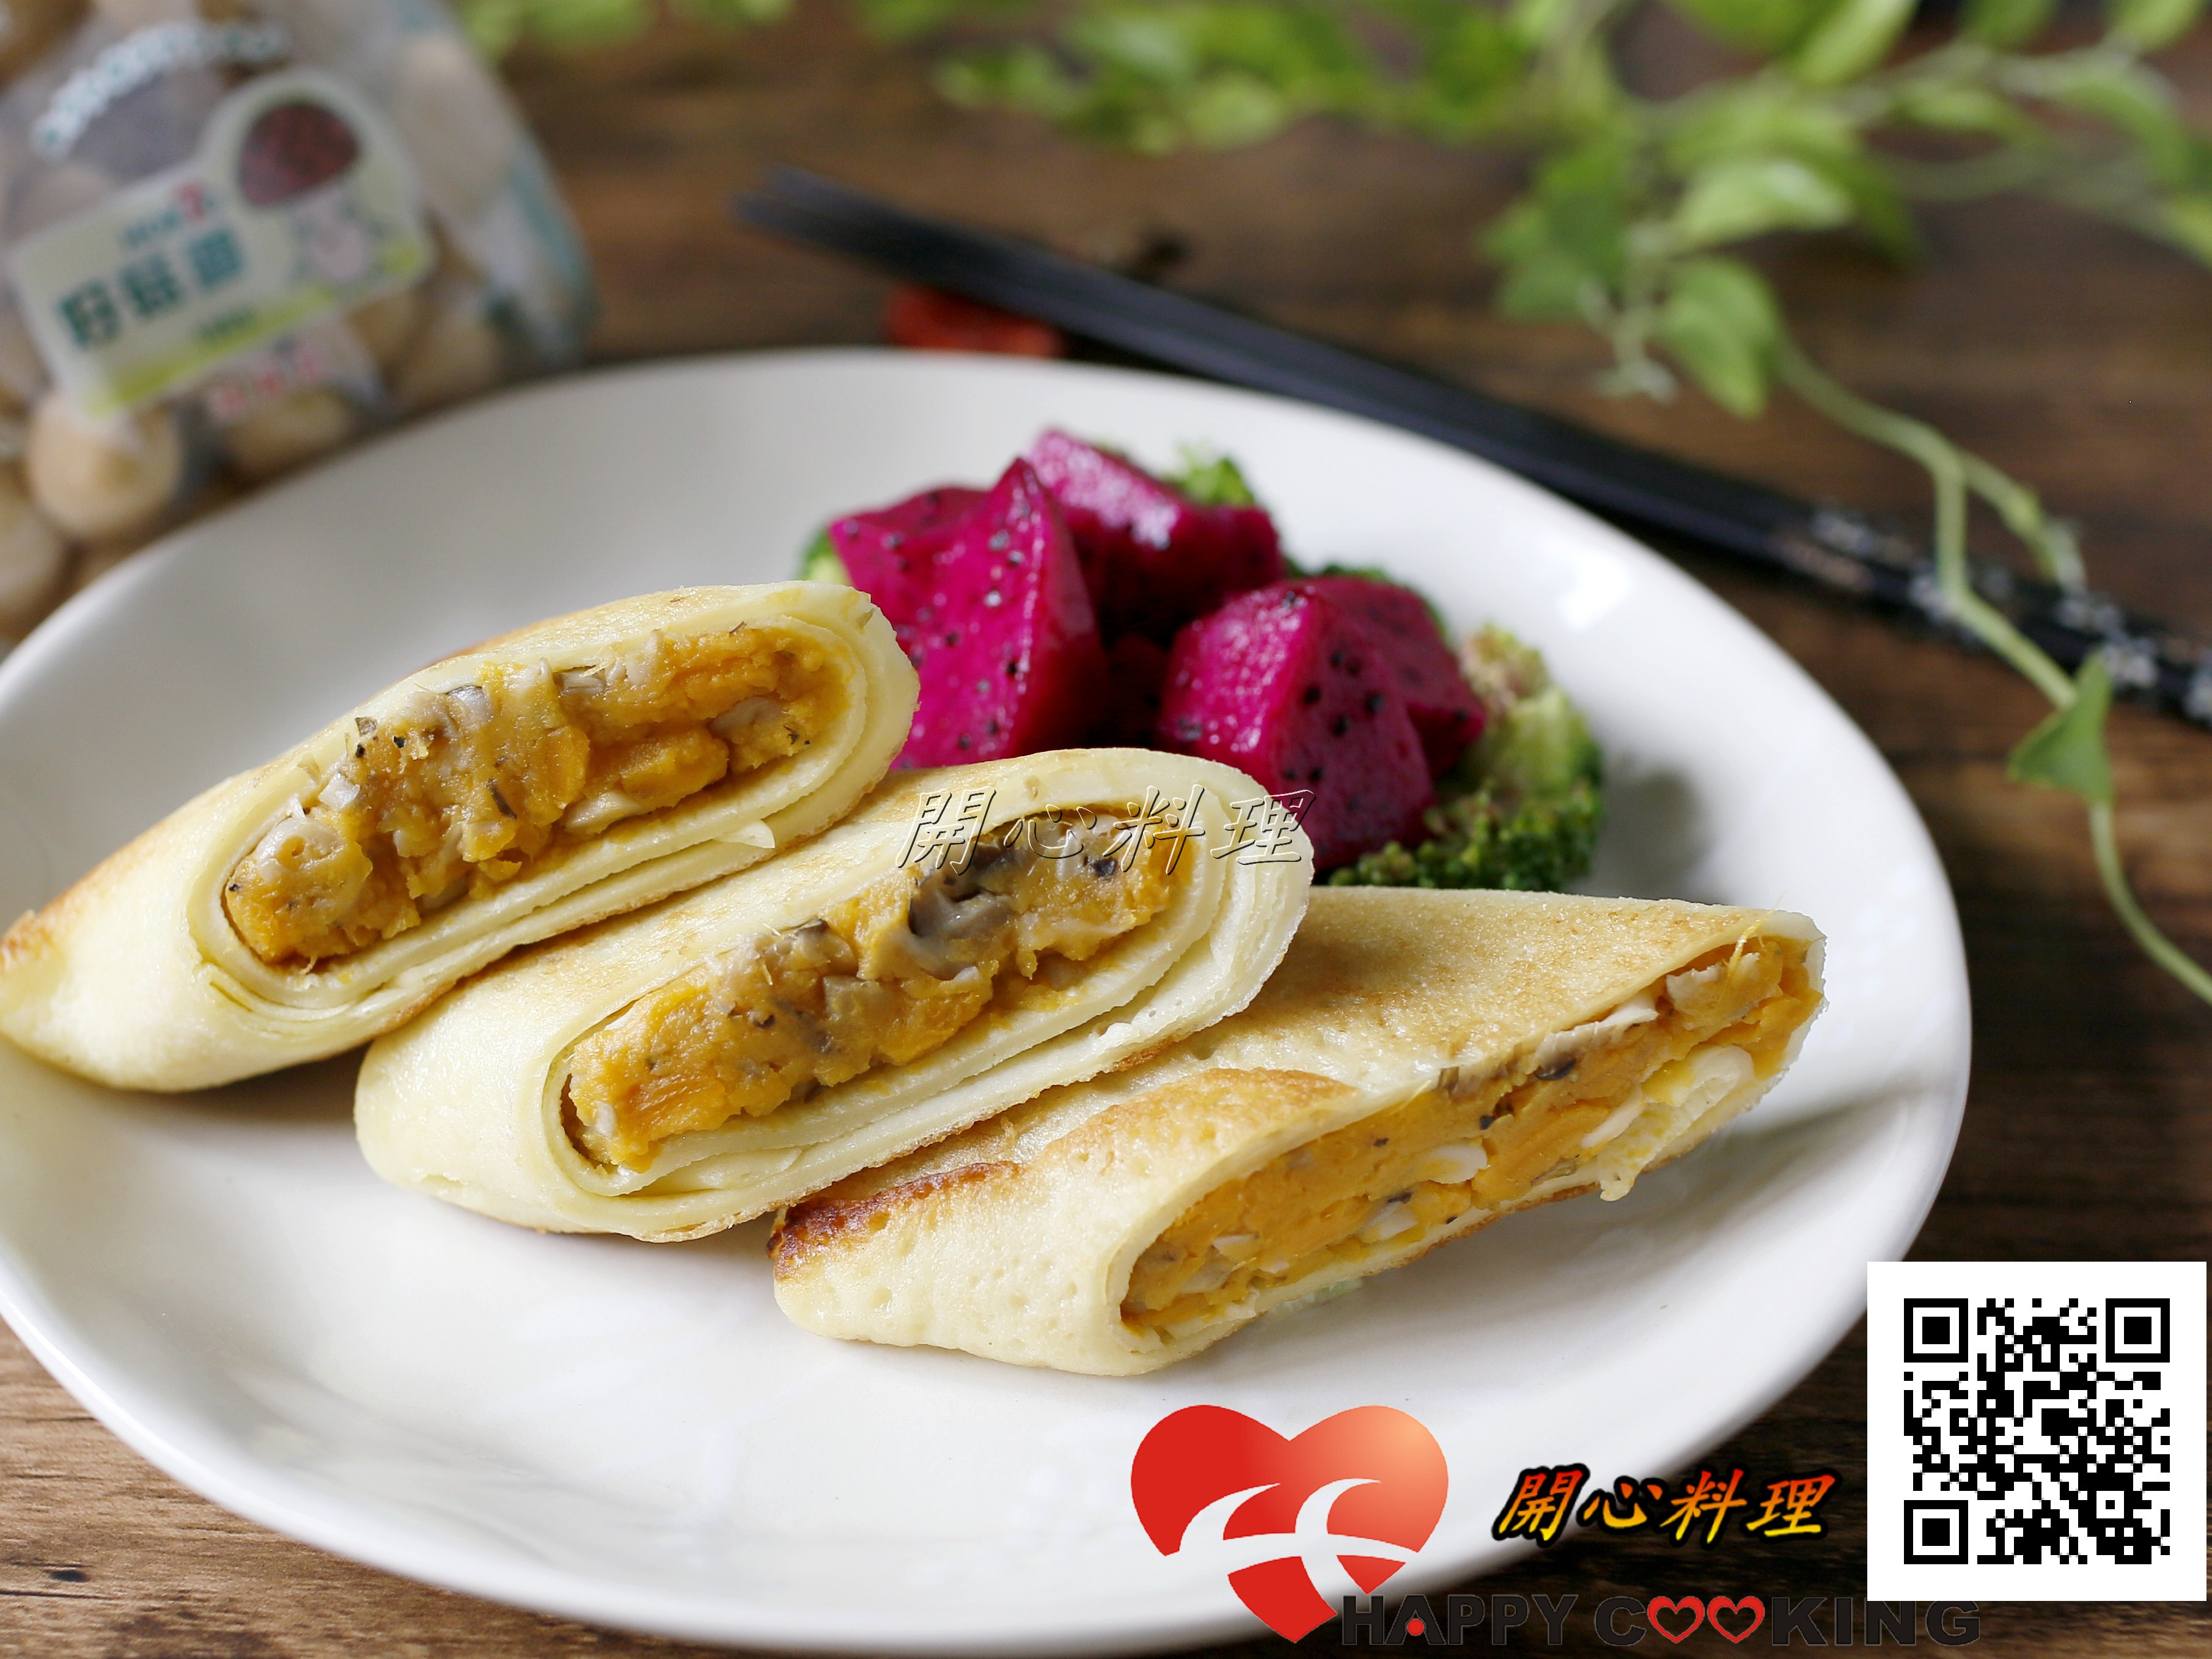 雙菇地瓜餅『好菇道好食光』